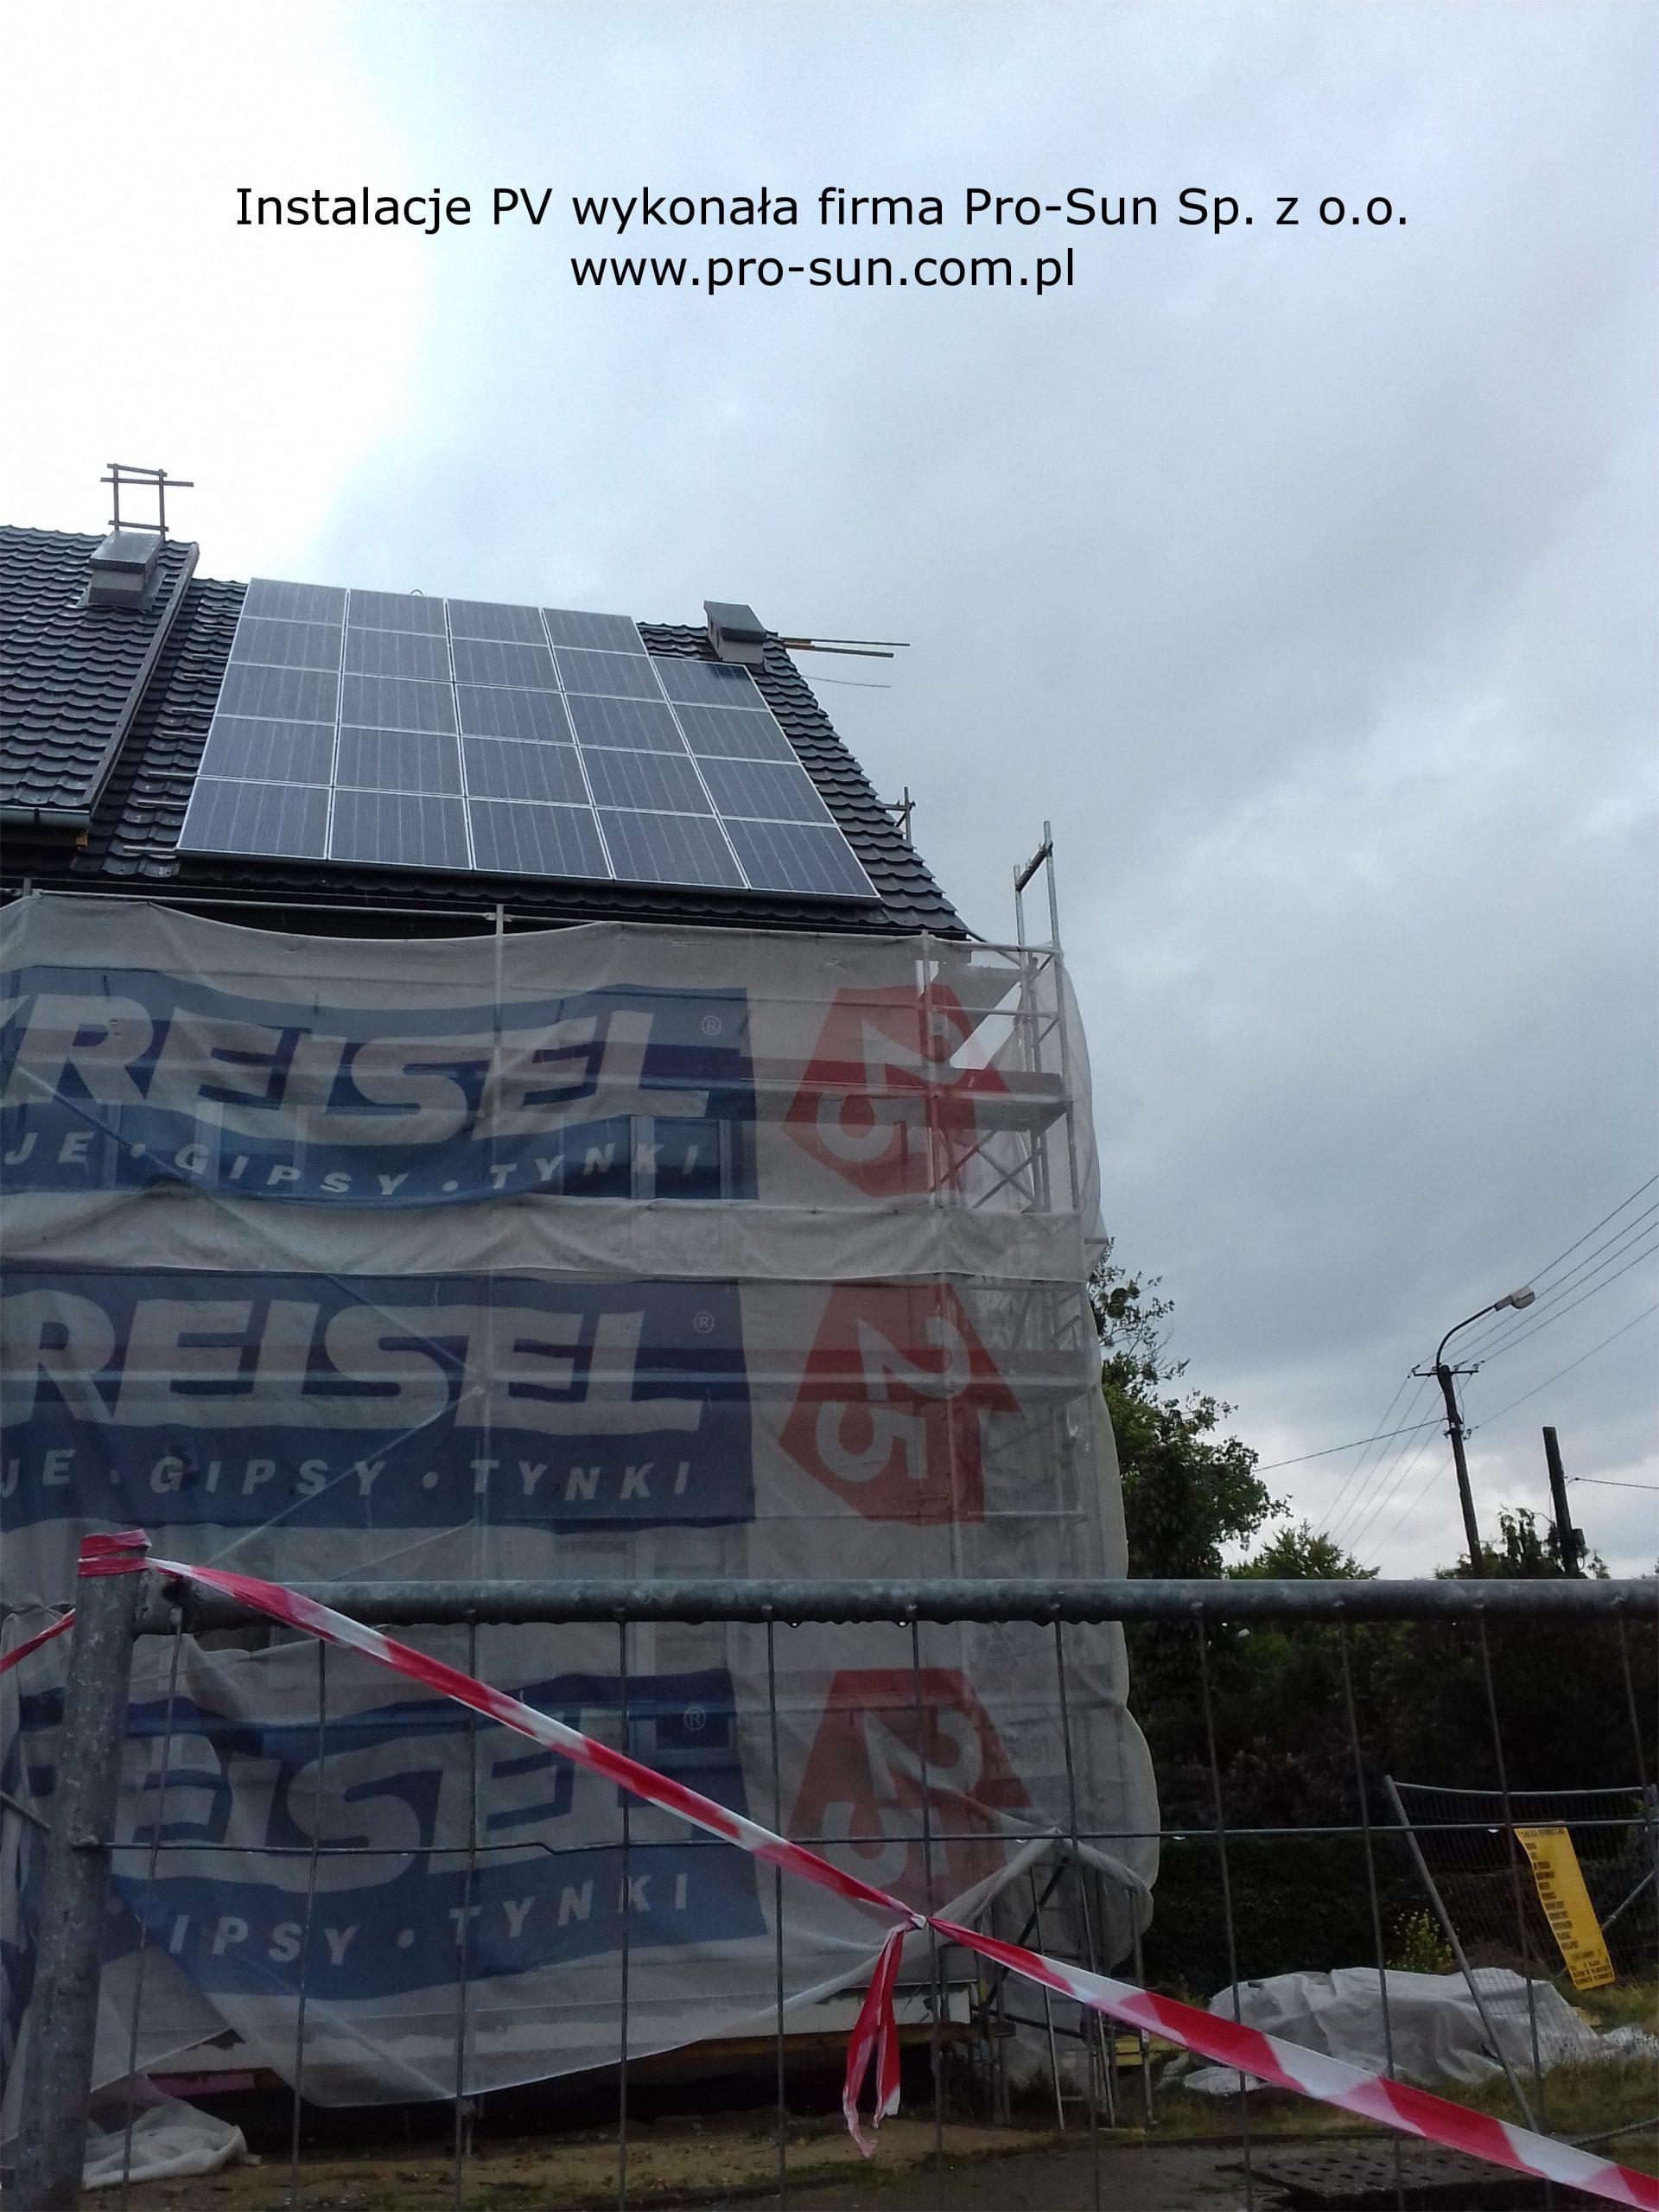 Łódź- zainstalowane ogniwa solarne